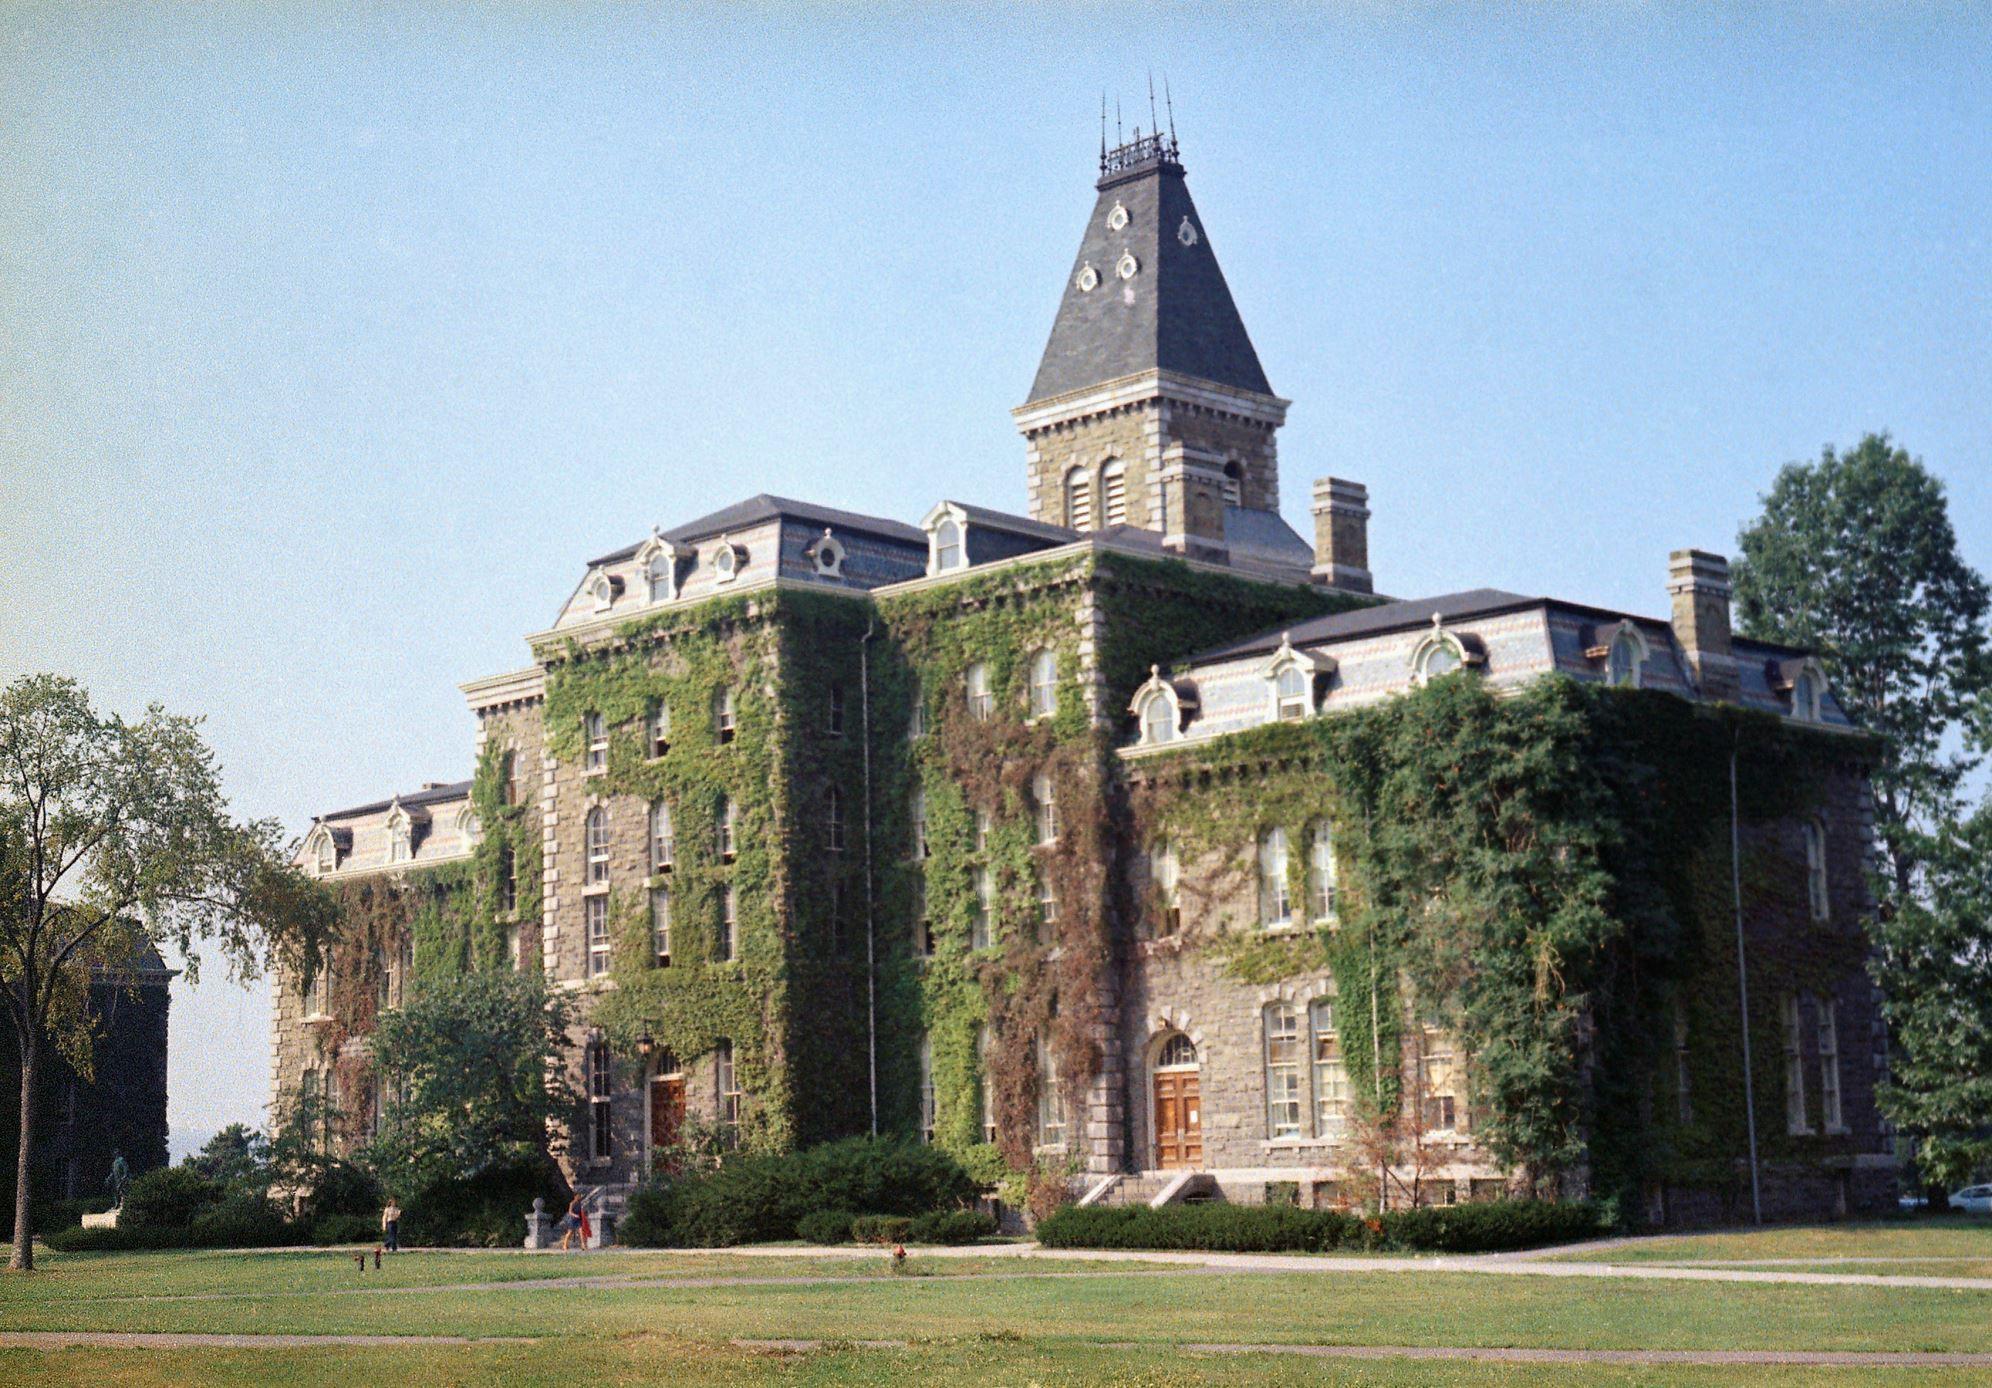 Διαφάνεια 30 από 41: Founded in 1865, Cornell University is located in Ithaca, New York. In the World University Rankings by Times, Cornell was ranked at 19th place.